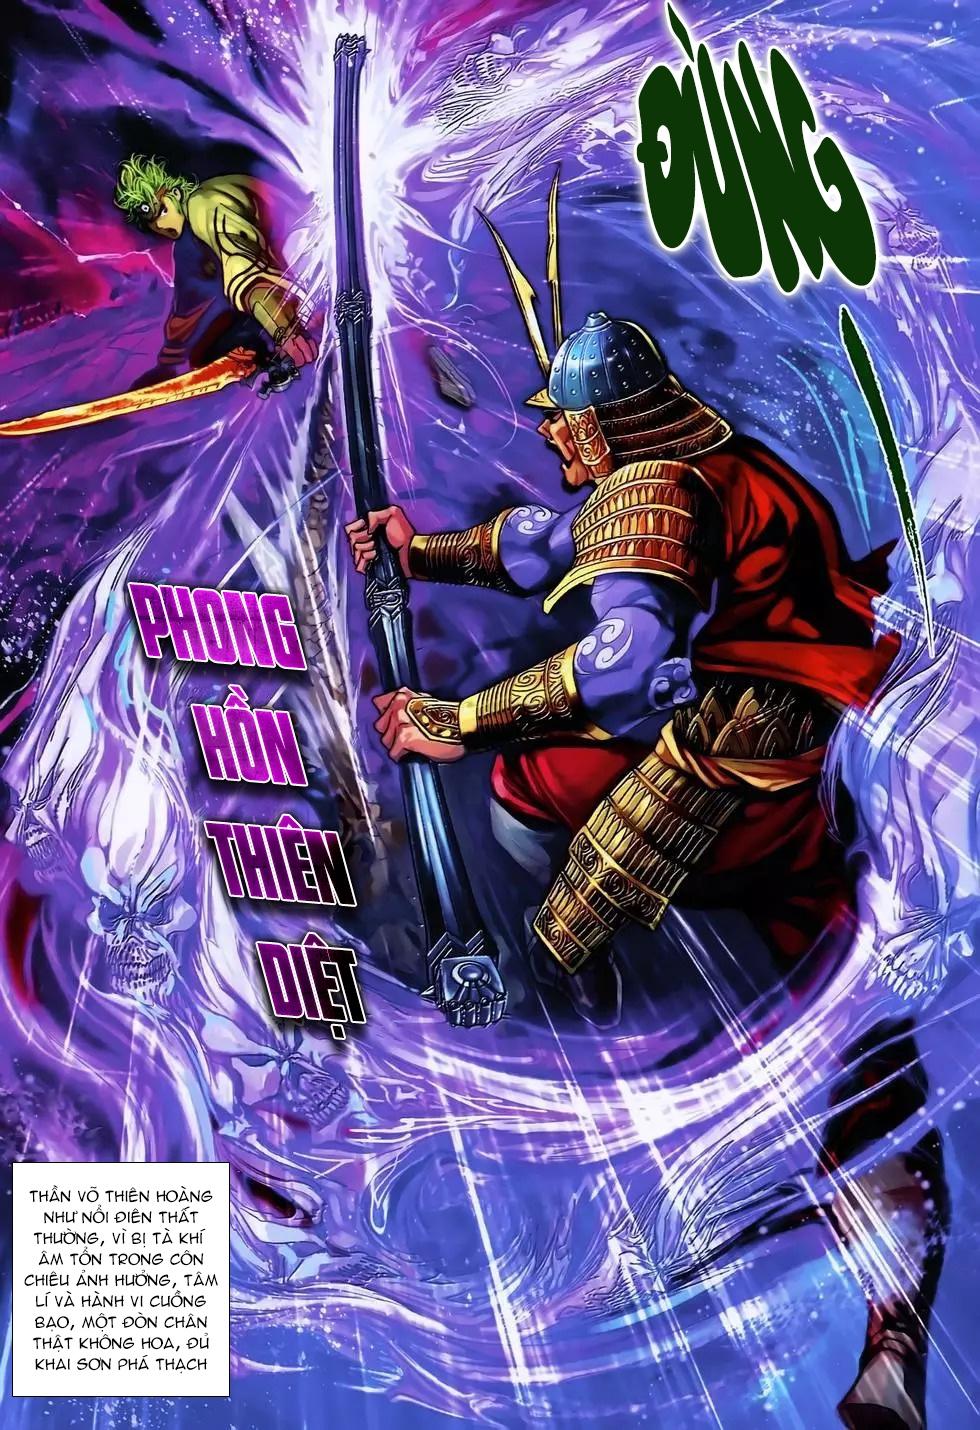 Thần Binh Huyền Kỳ 3+3.5 chap 180.2 - Trang 4